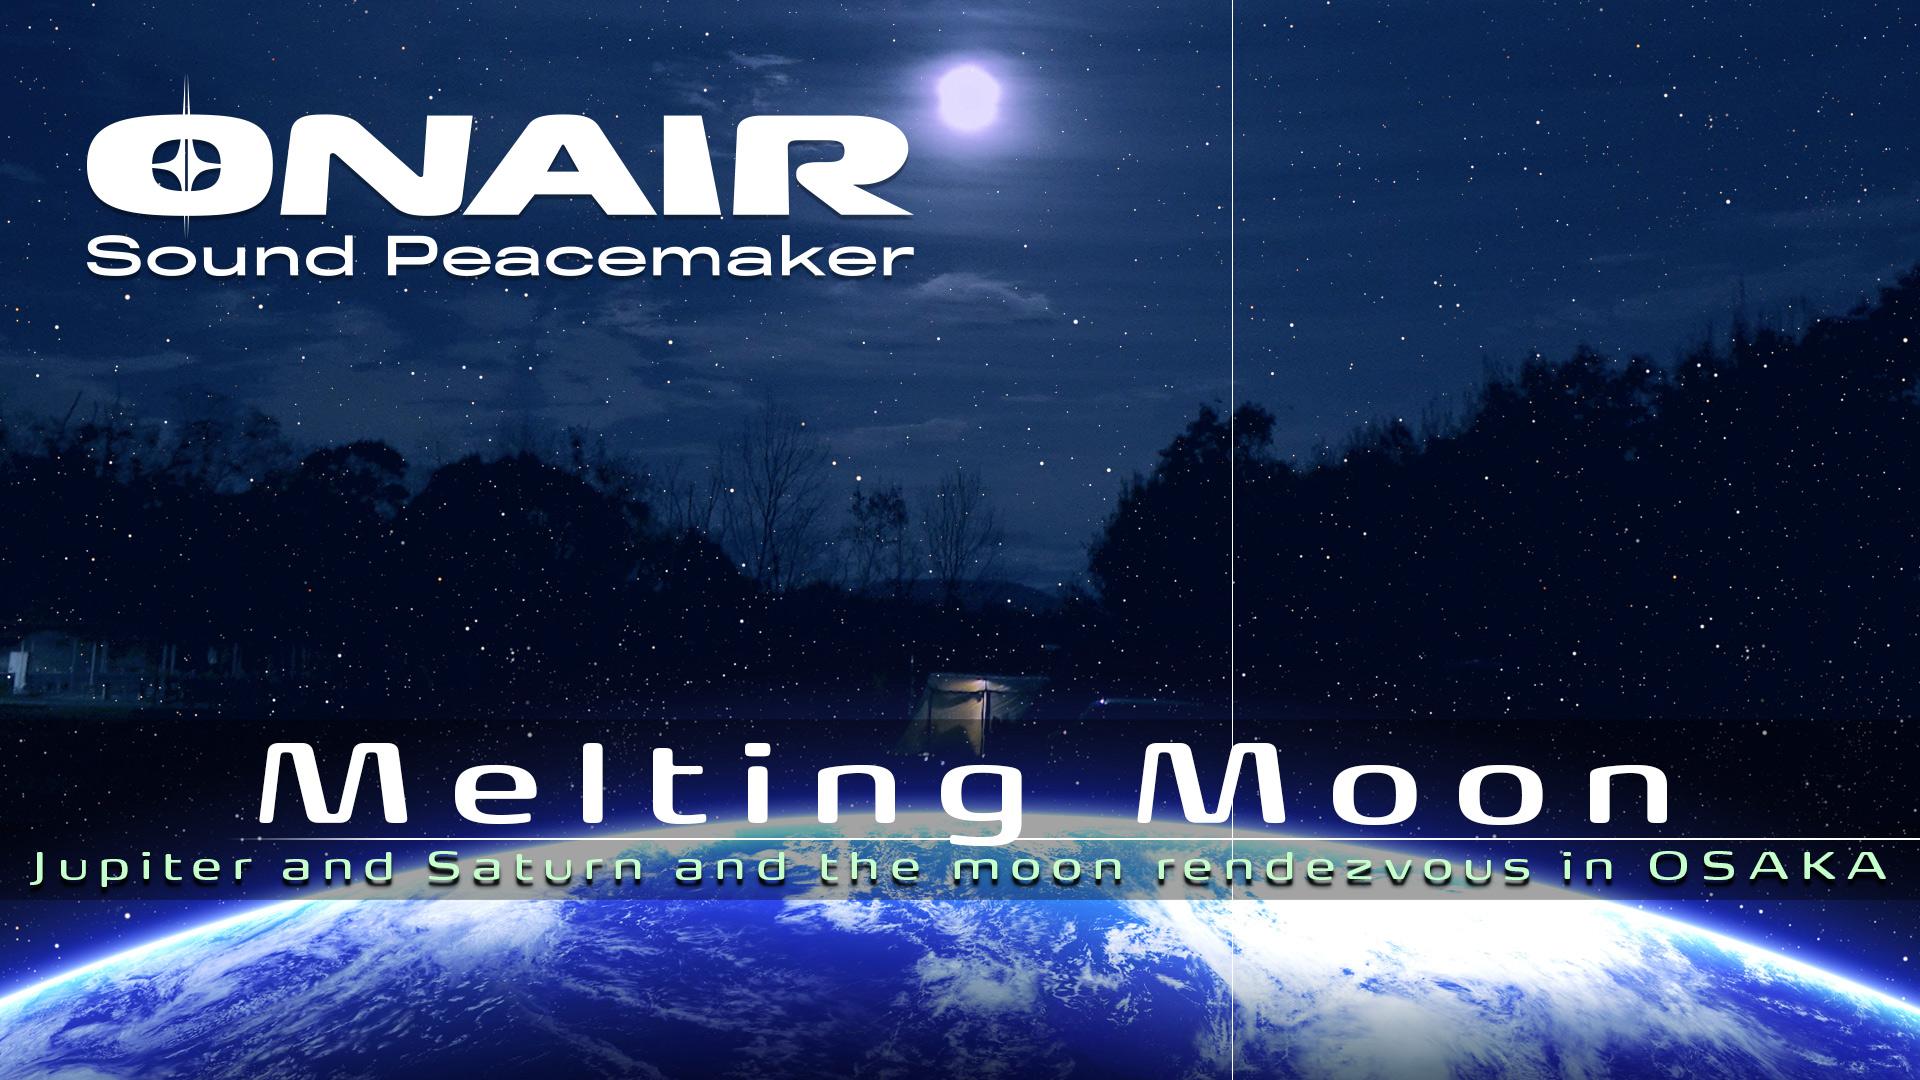 【ONAIR】Melting Moon 溶けてゆく月と木星・土星 大阪港ダイヤモンドポイント Sound Portrait